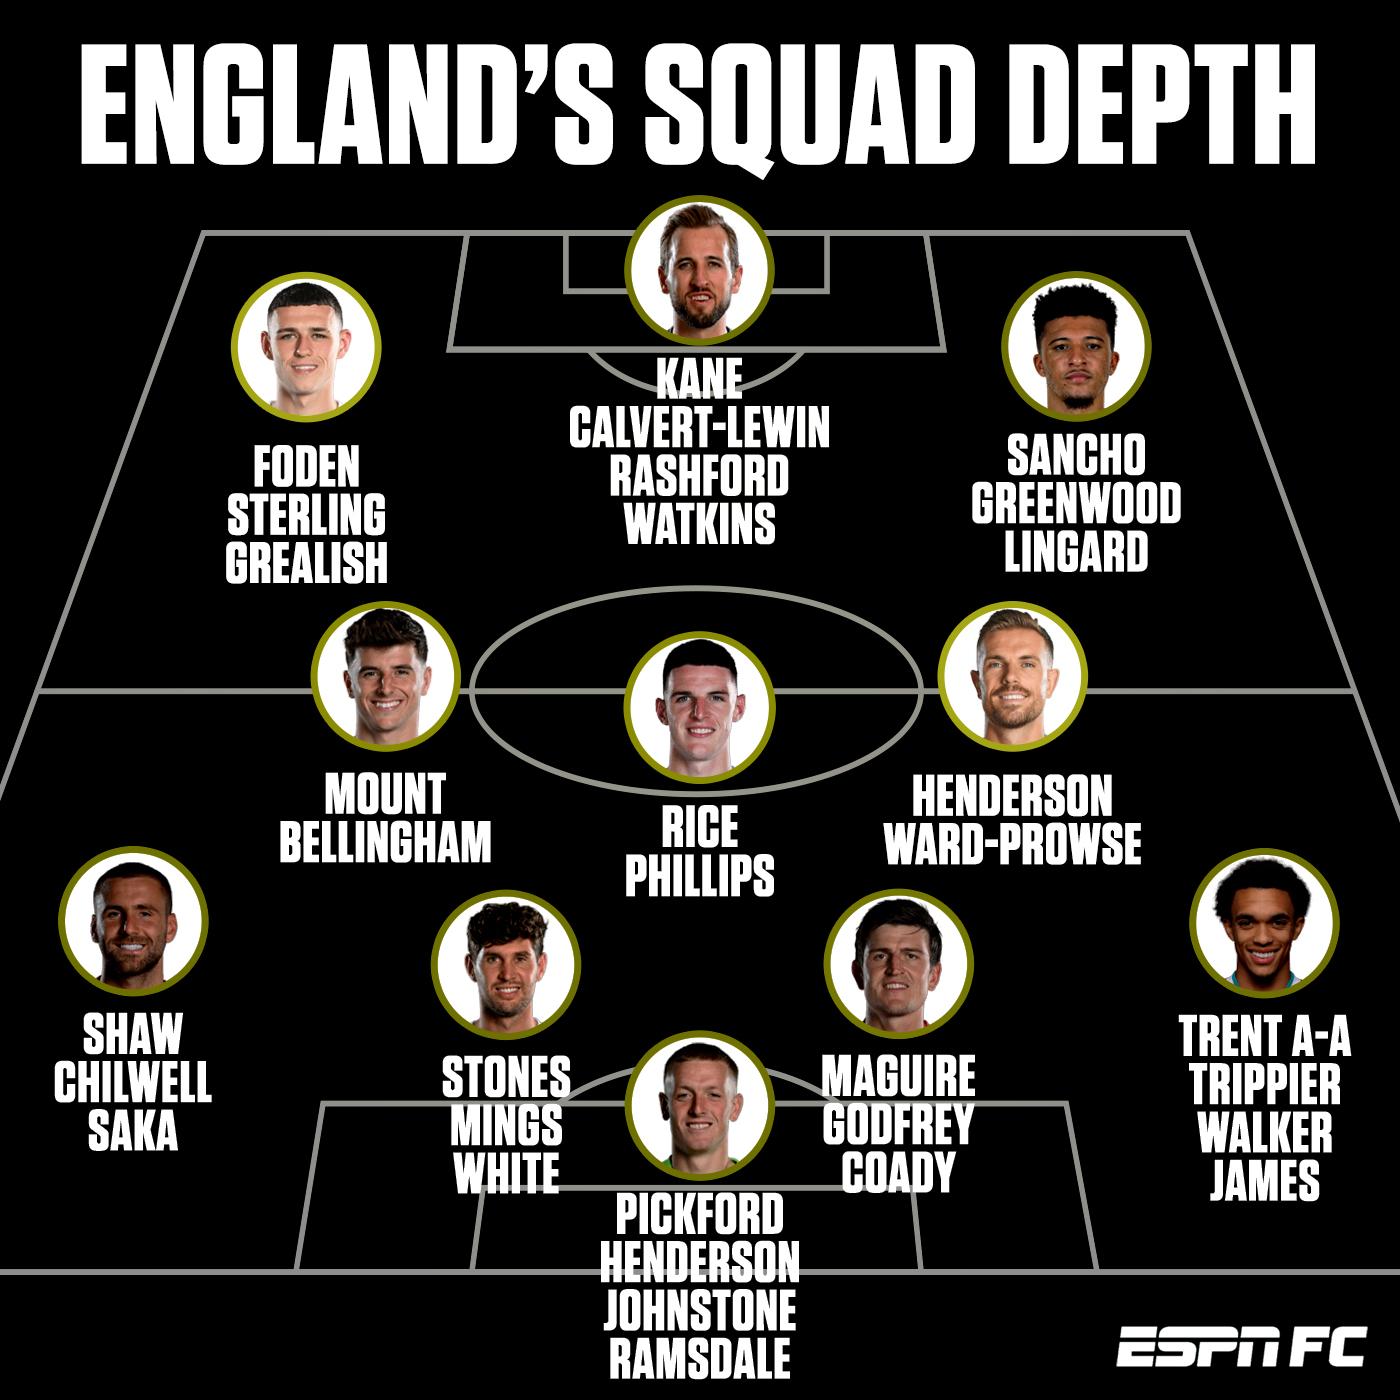 Dựa trên danh sách sơ bộ 33 tuyển thủ, tuyển Anh đang có ít nhất hai lựa chọn chất lượng cho mỗi vị trí. HLV Southgate hứa hẹn sẽ đau đầu khi chốt danh sách 26 người dự Euro 2020.